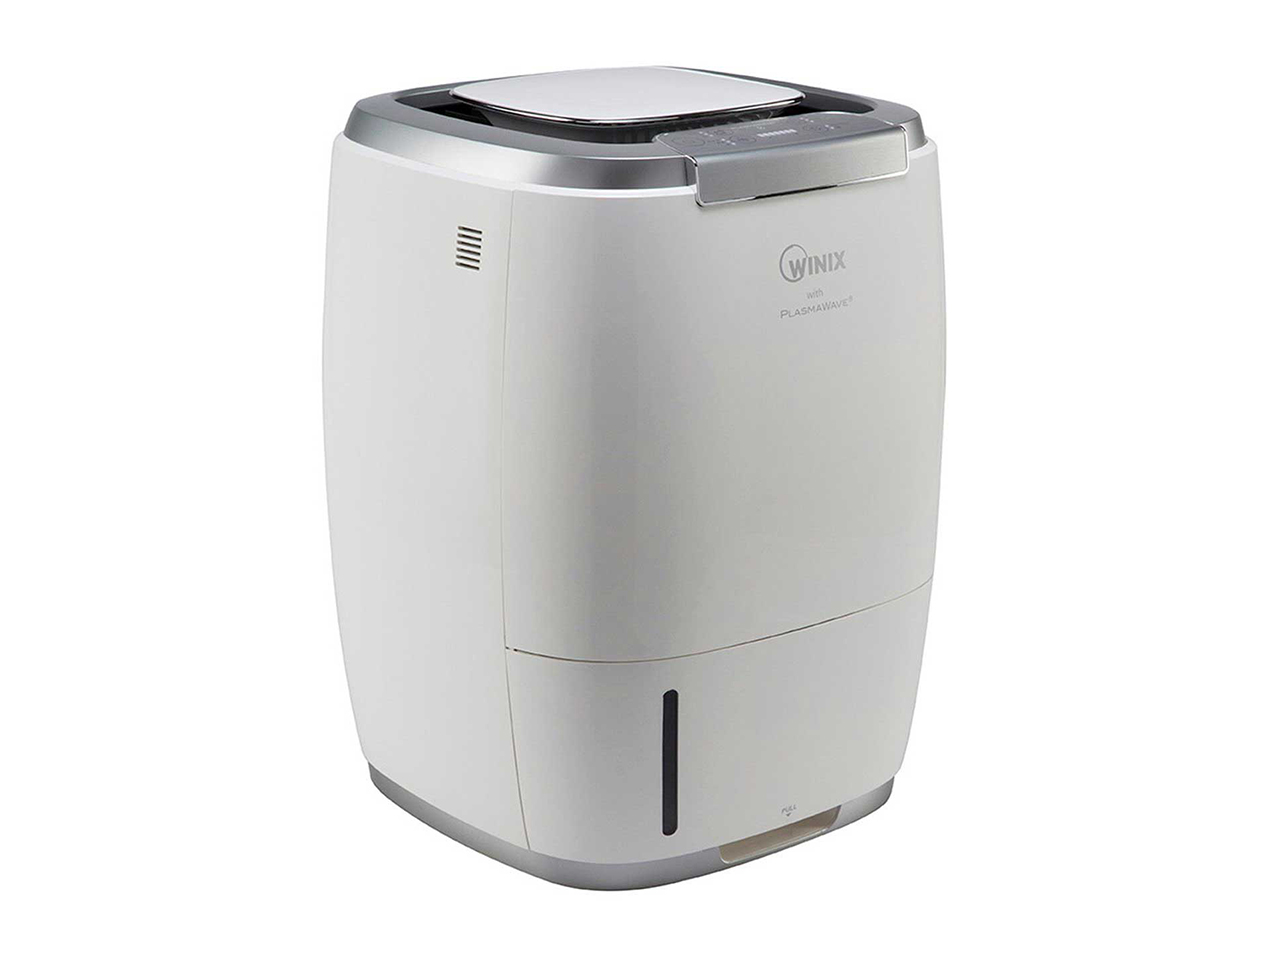 Winix Aw600 Air Purifier Humidifier Kokotas Klimatismos